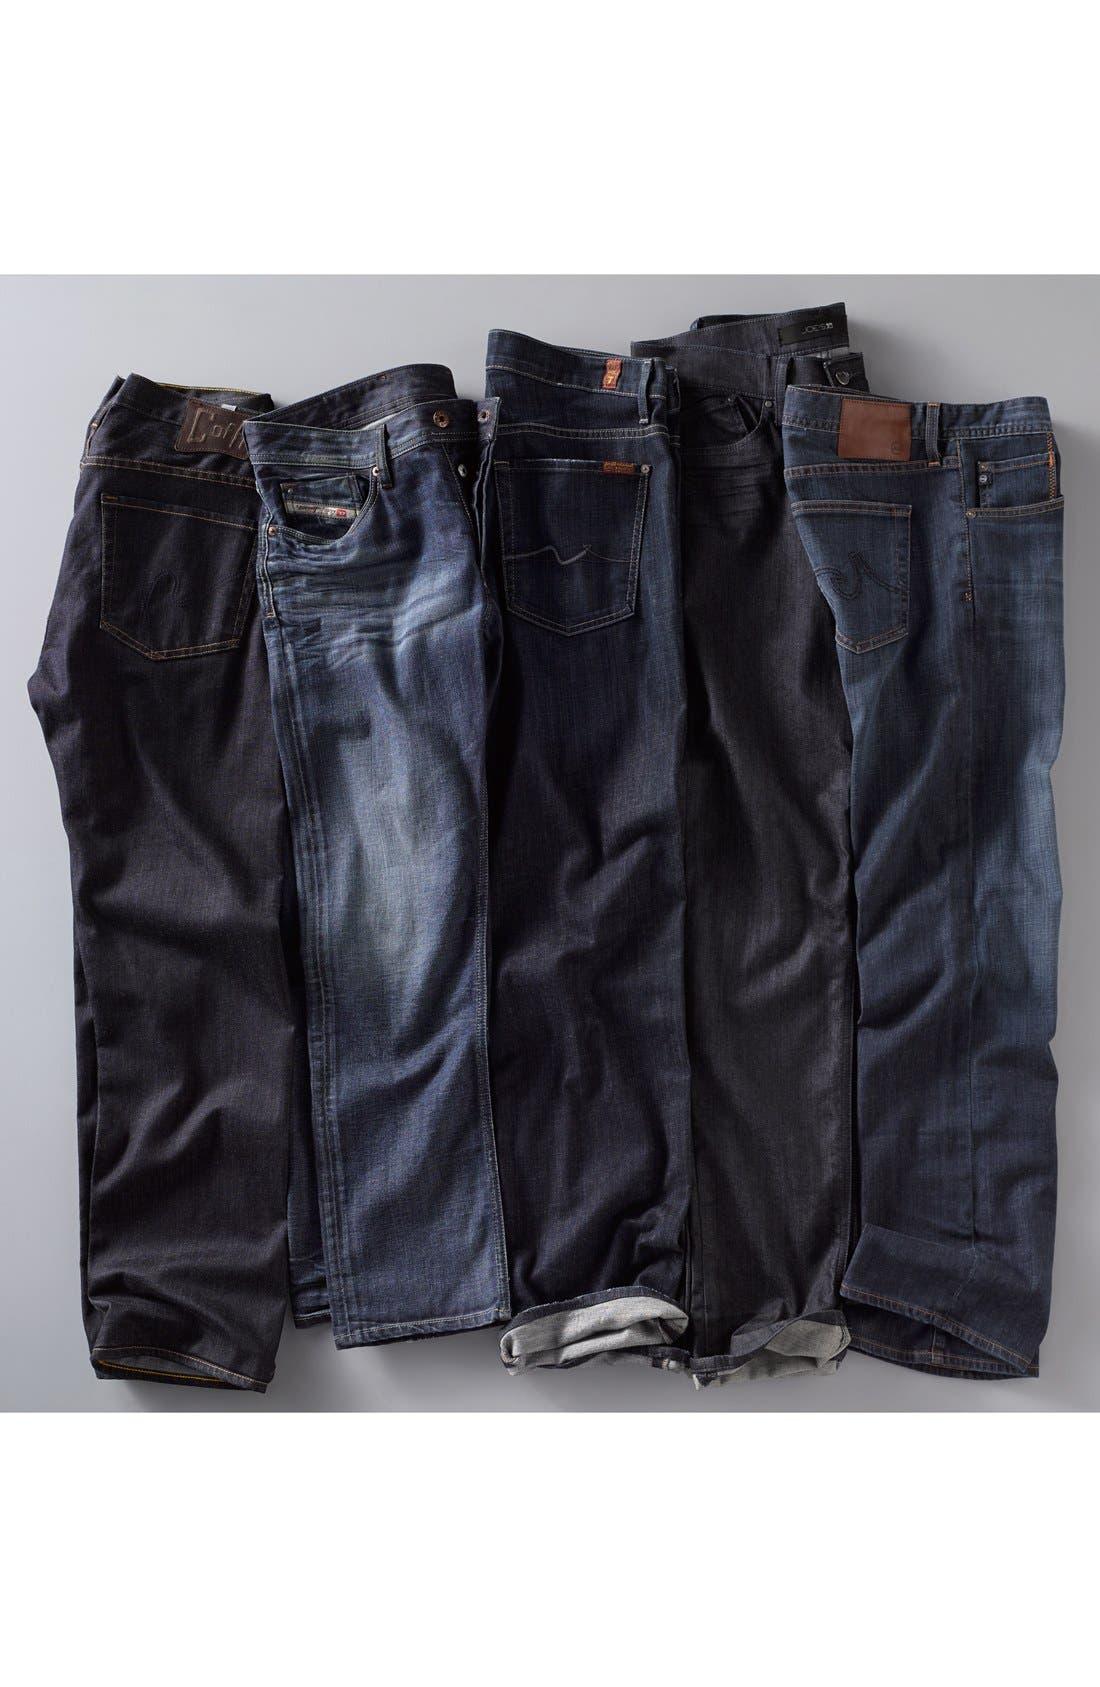 Protégé Straight Leg Jeans,                             Alternate thumbnail 8, color,                             HUNTS WASH